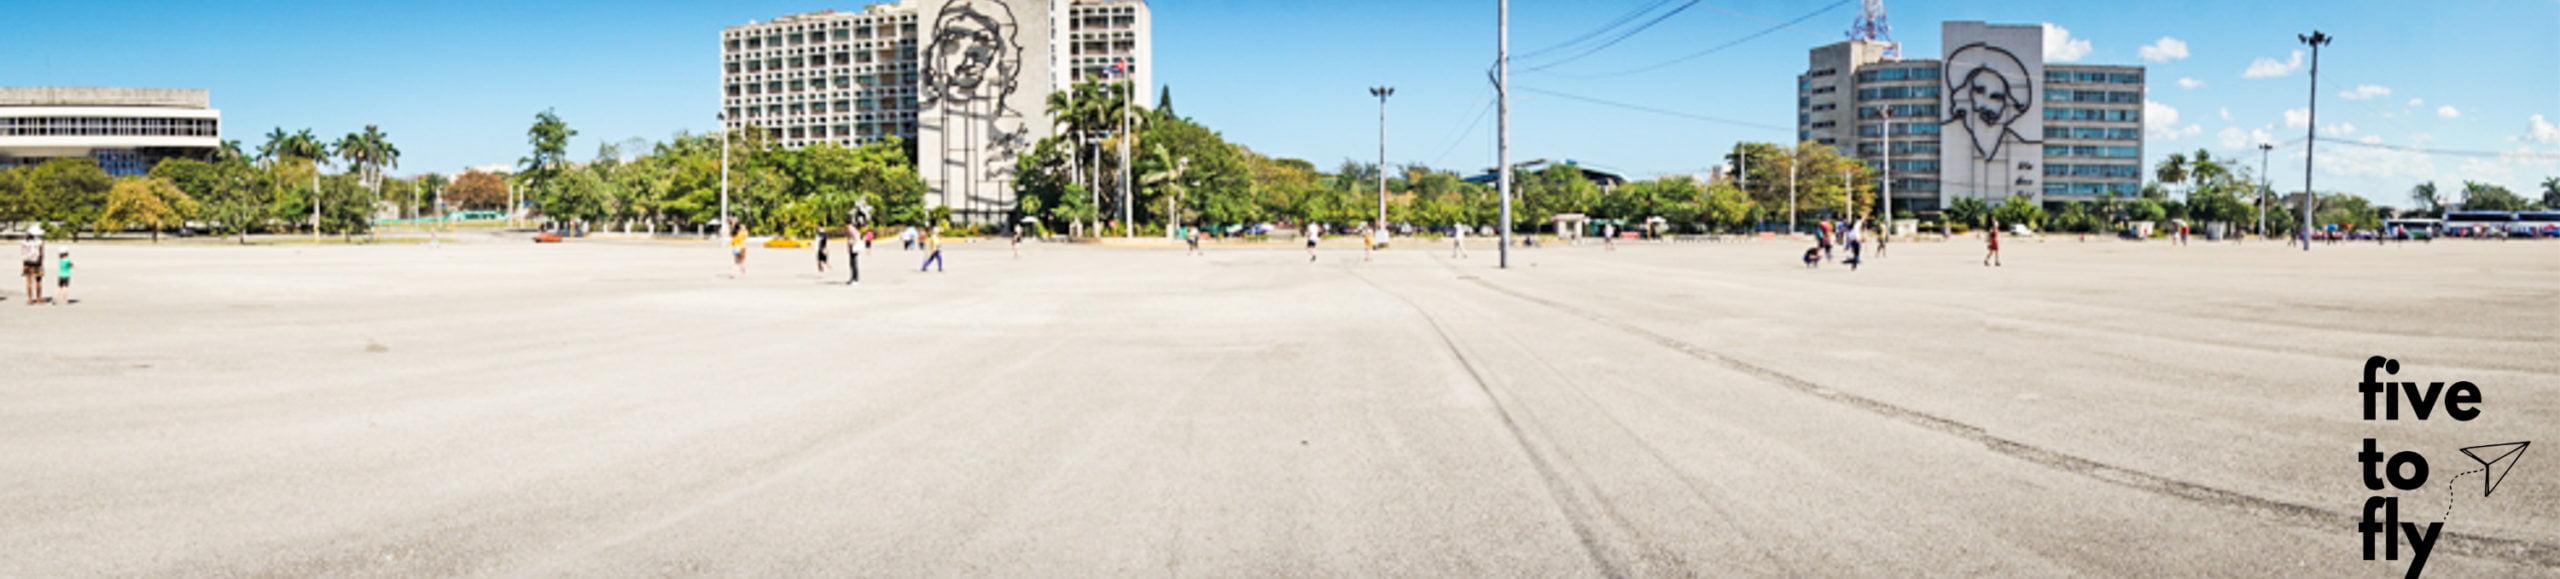 Atrakcje Hawany - Plac Rewolucji